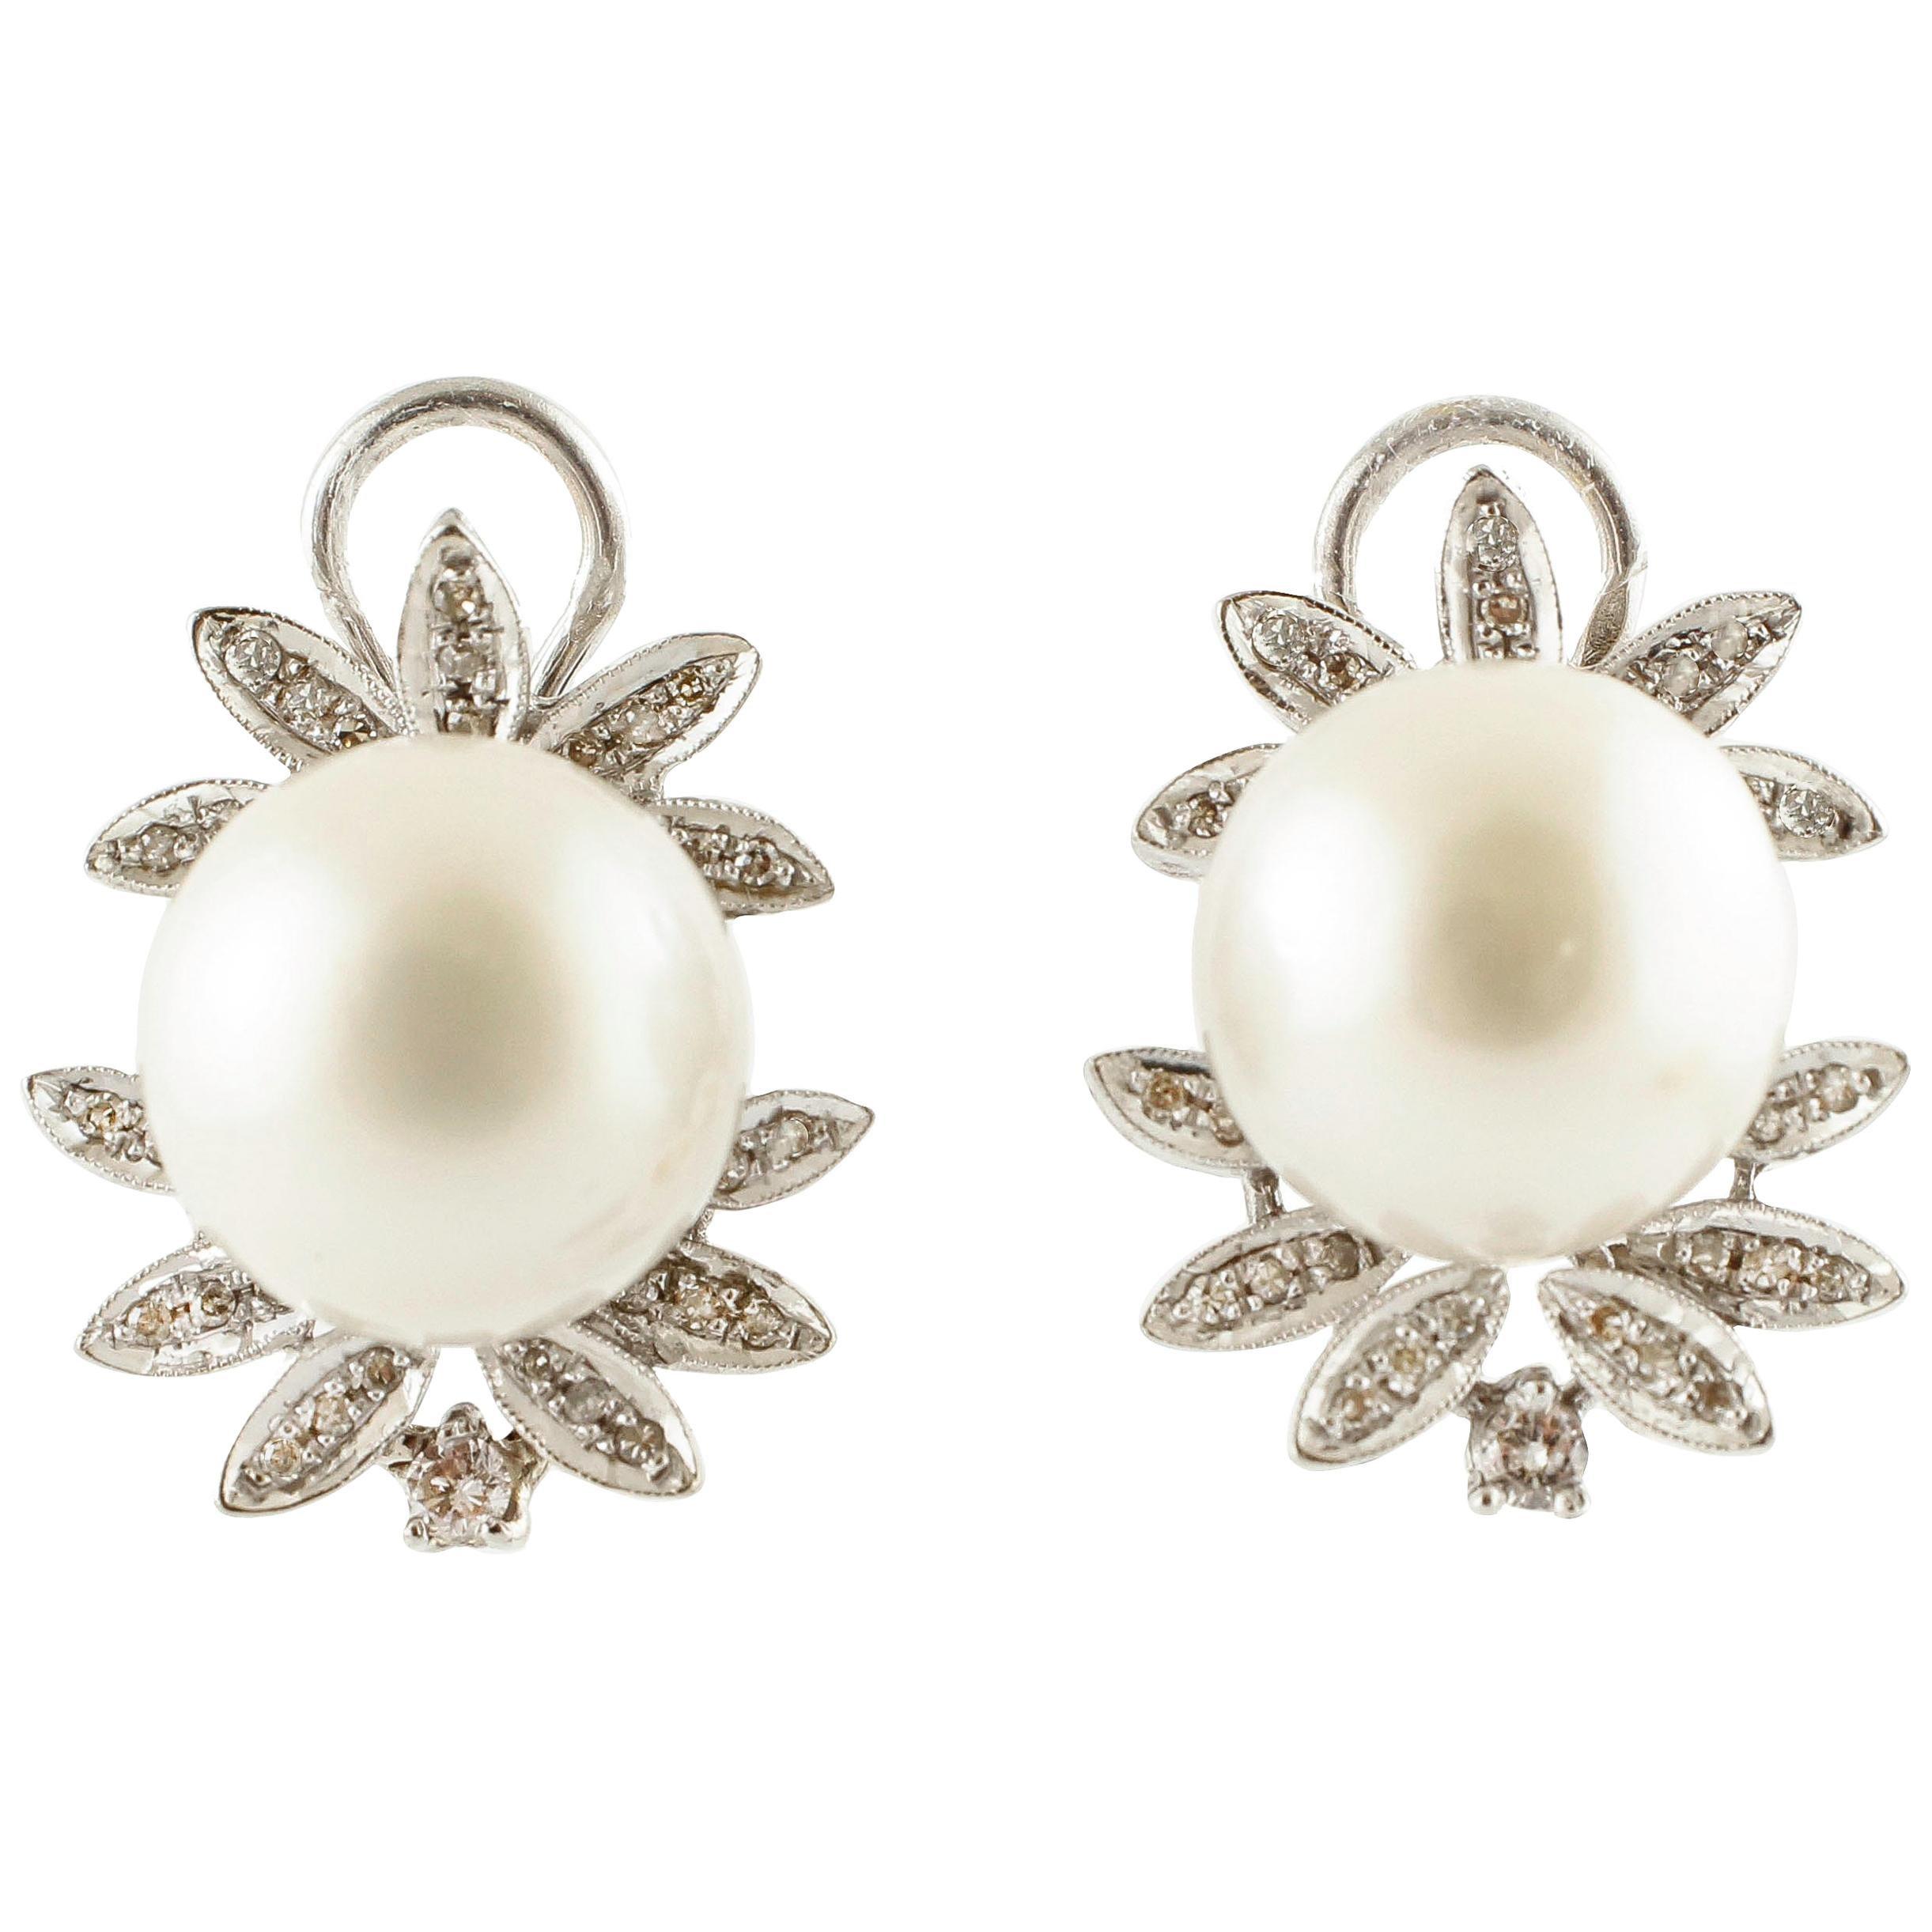 Diamonds, White Pearls, 14 Karat White Gold Clip-On Earrings